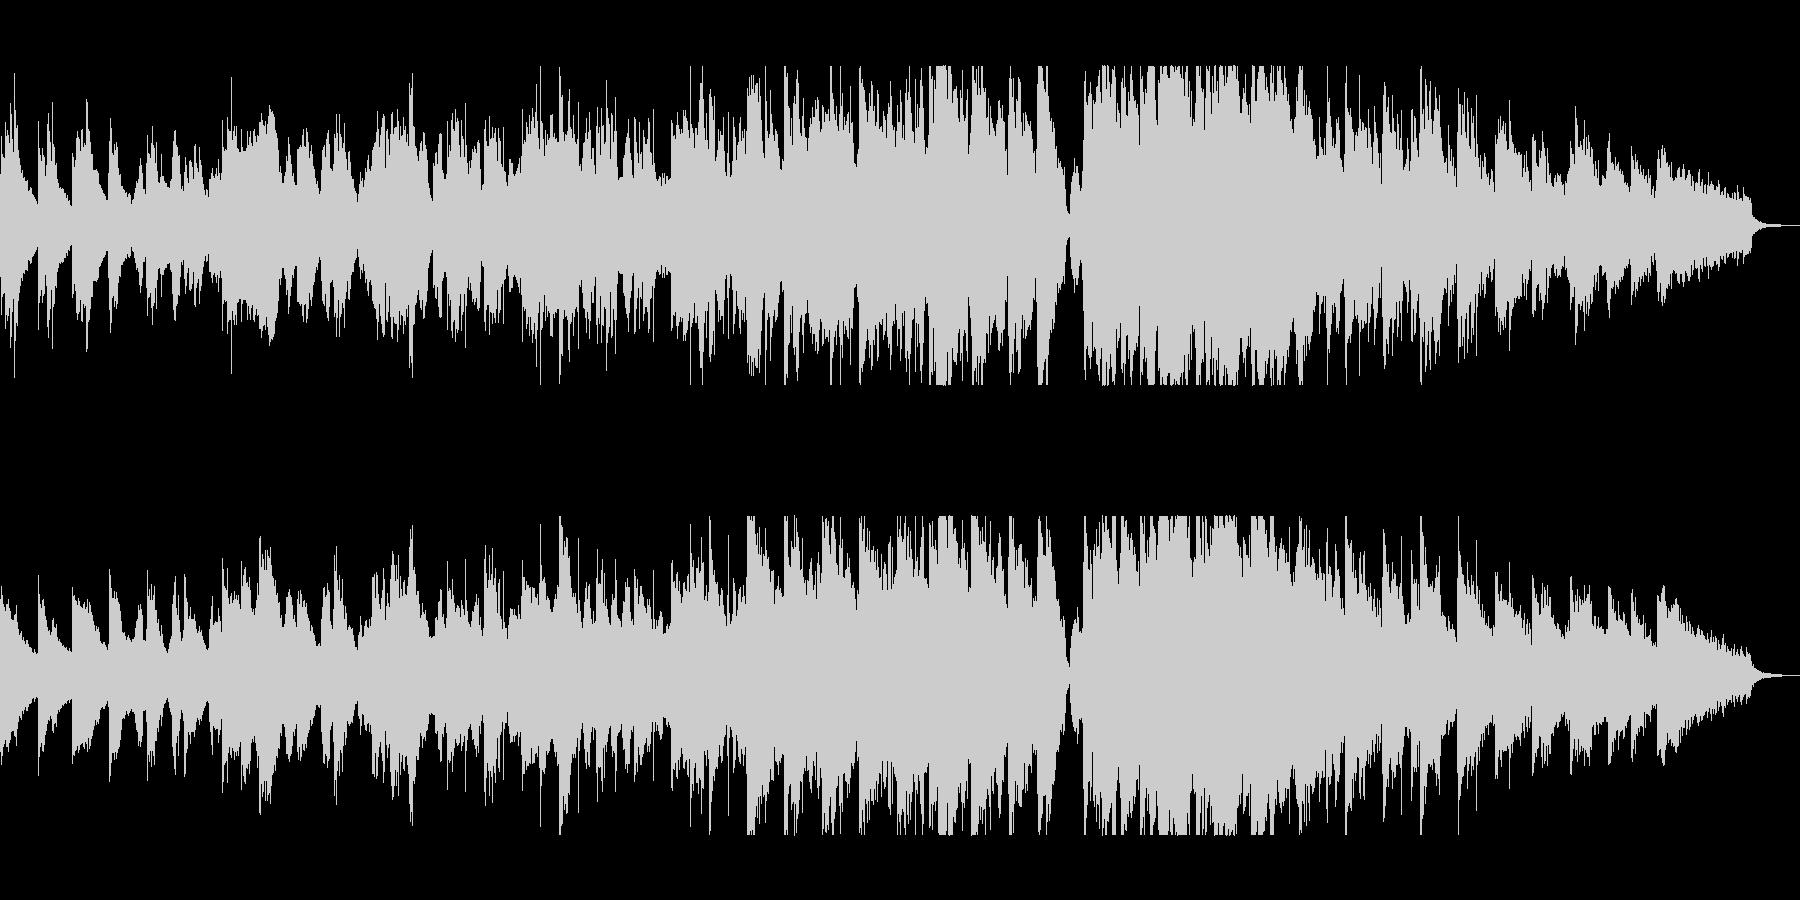 アコギとチェロのポップインストの未再生の波形